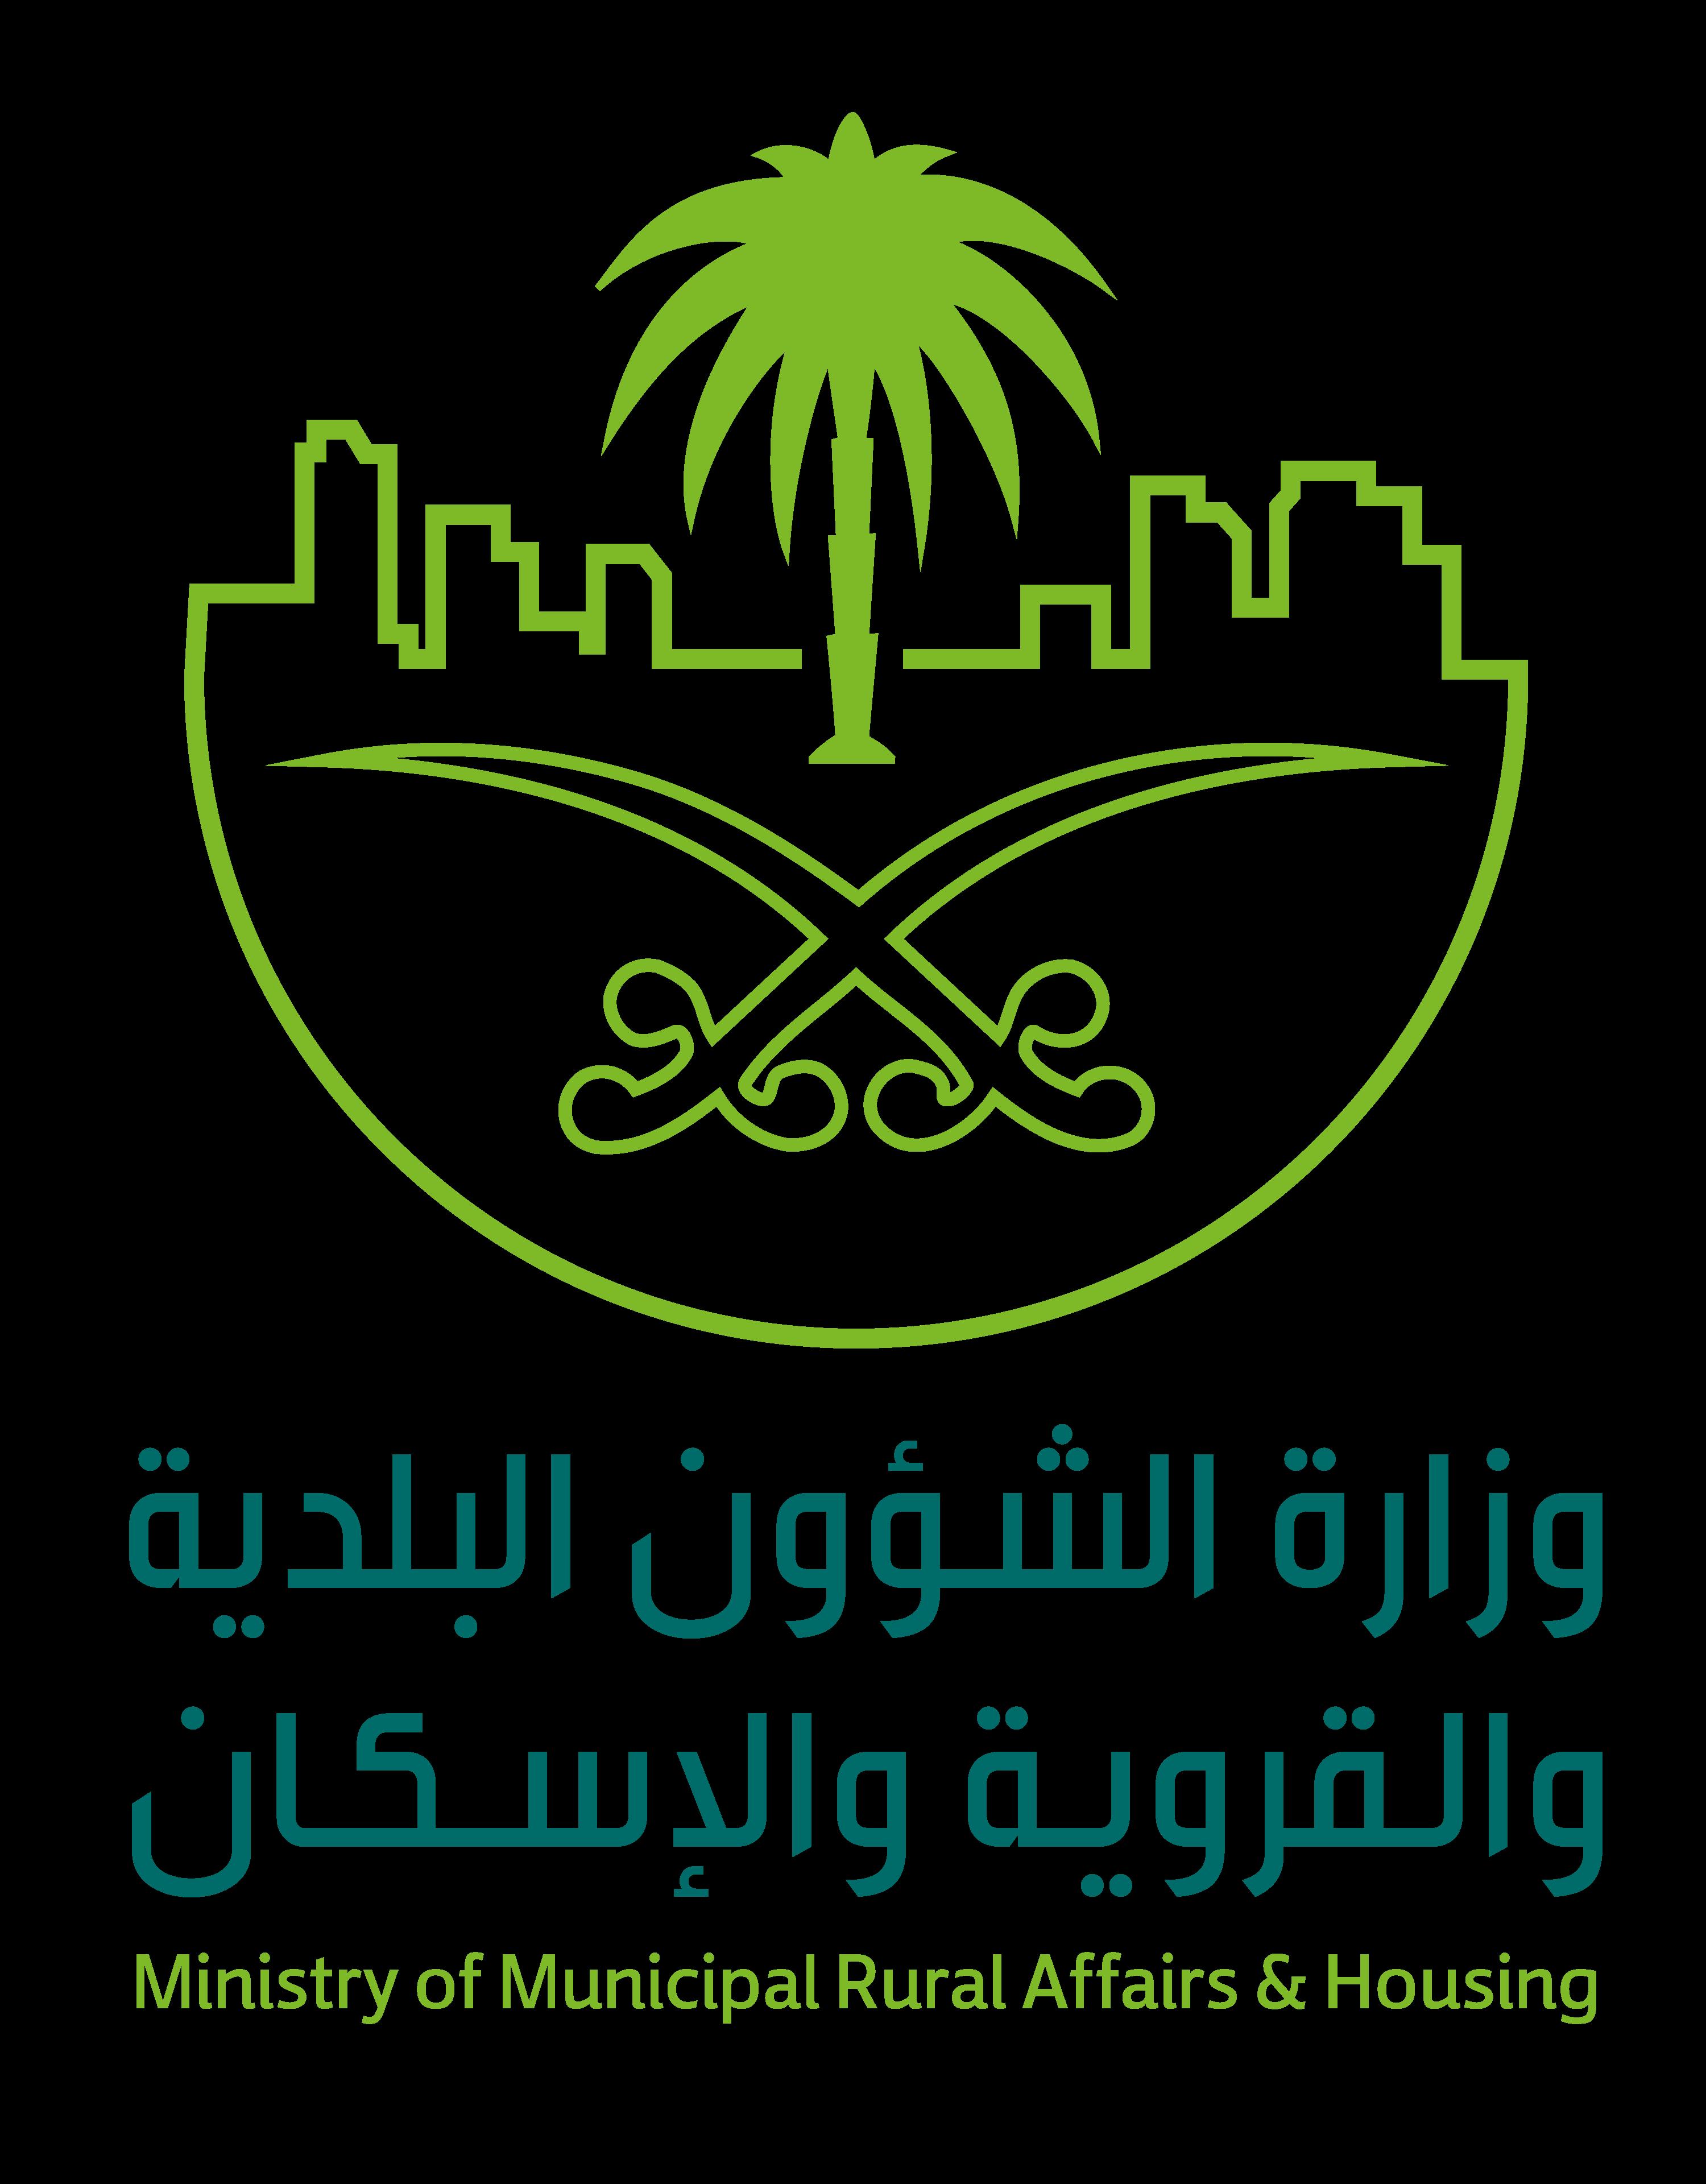 منسوبي وزارة الشؤون البلدية والقروية والإسكان